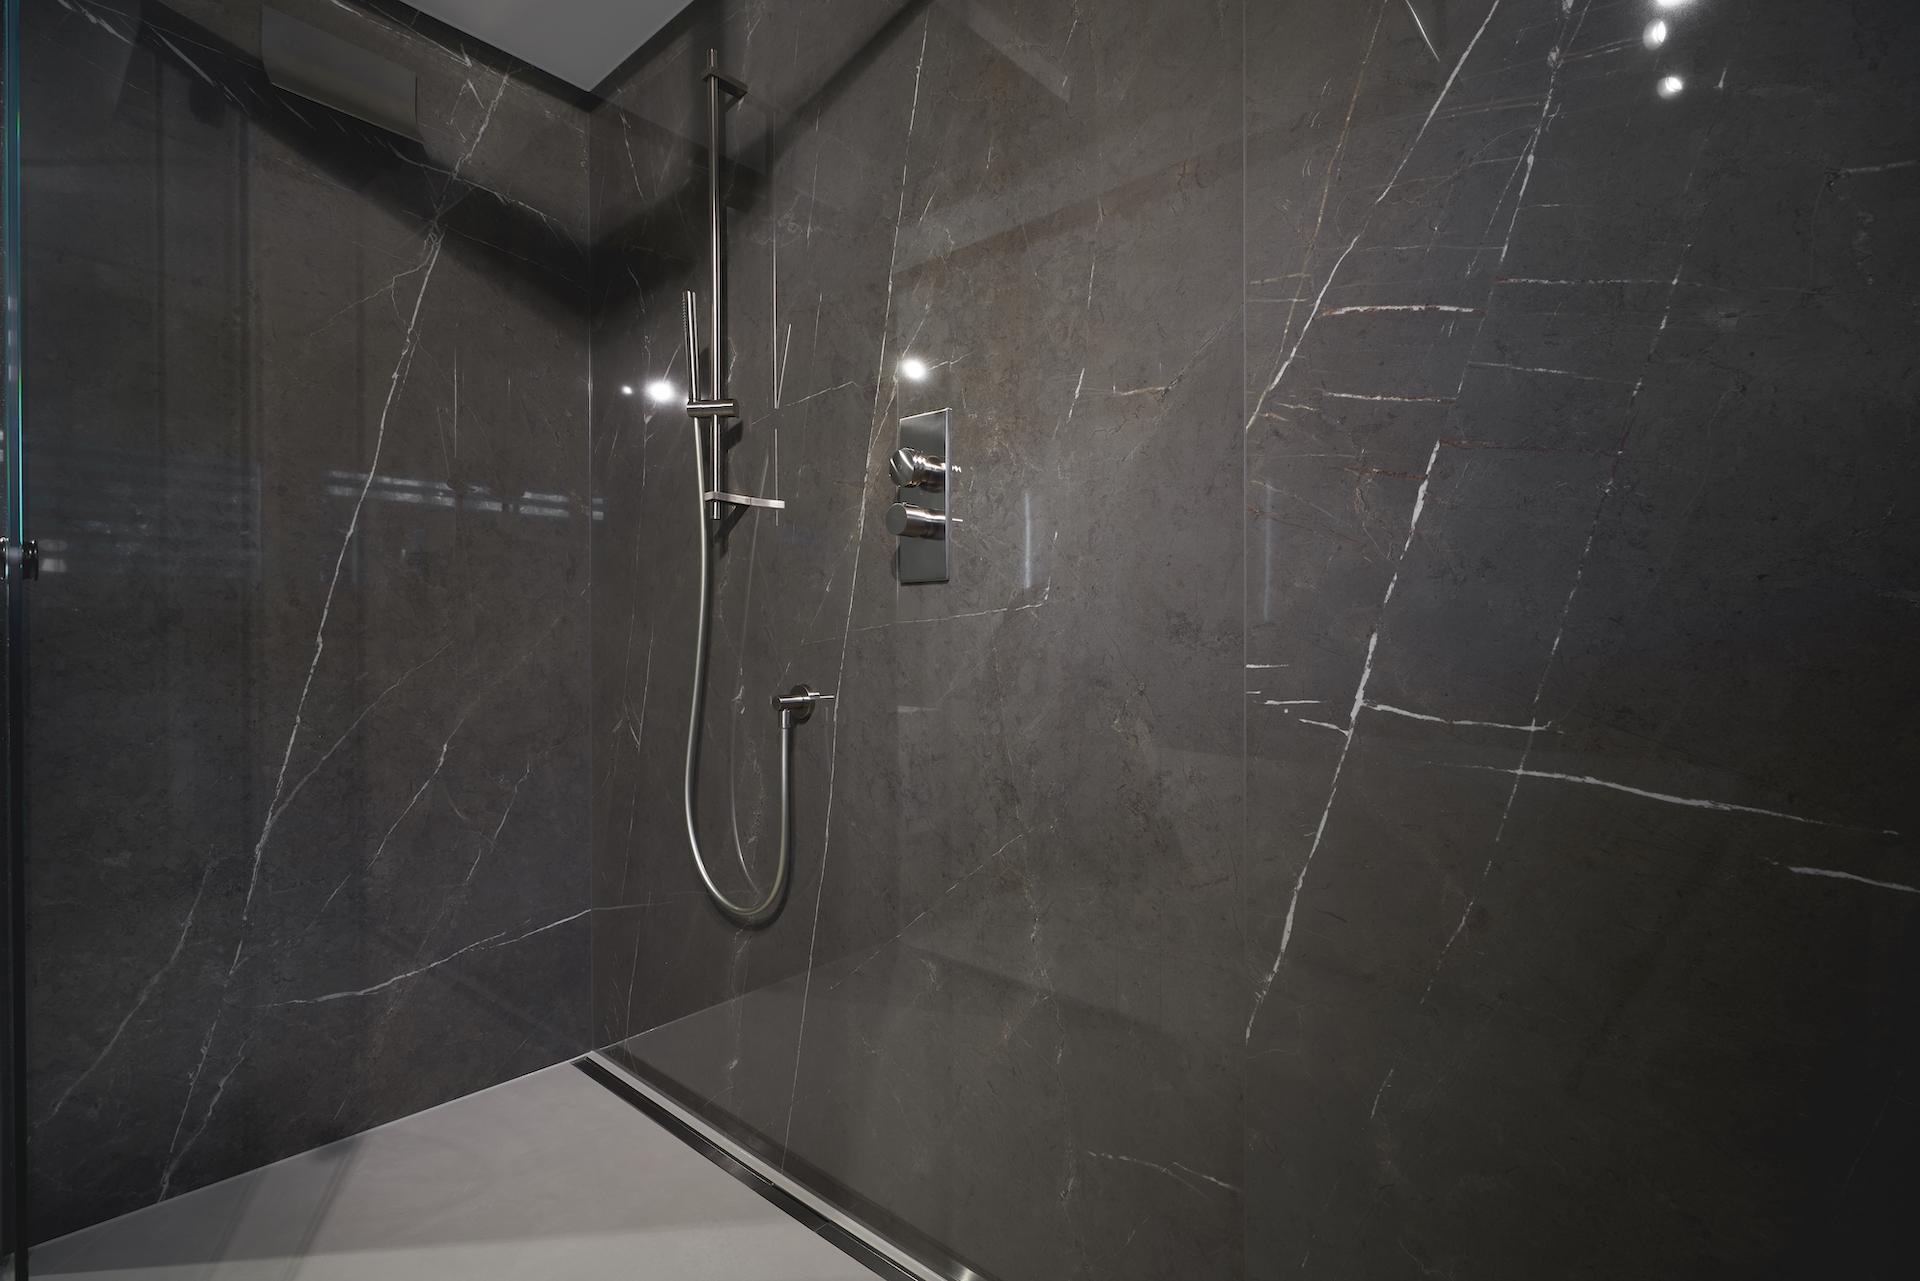 Haus am See - Exklusives Badezimmer mit großformatigen Fliesen | Raumwerk - Adrian Wojciechowski